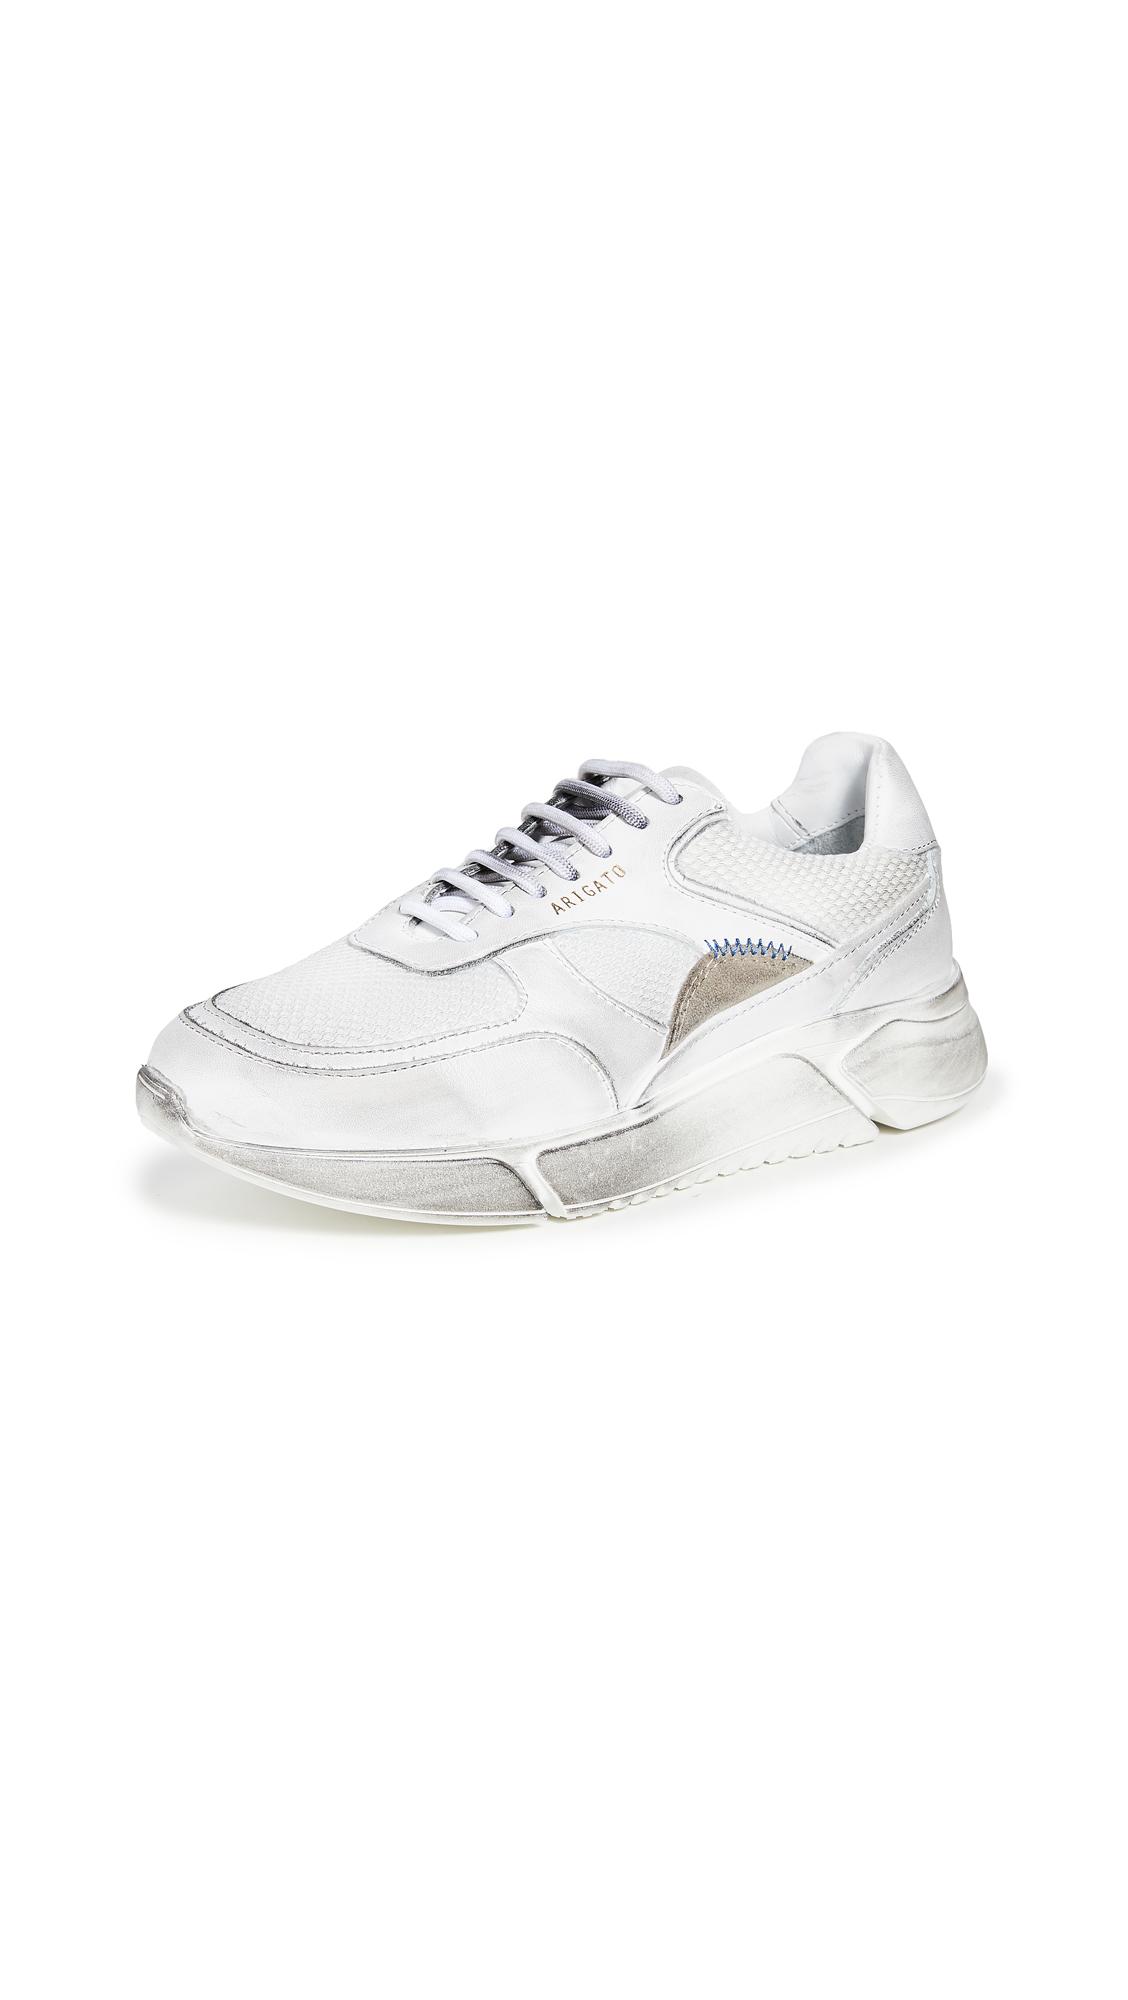 Axel Arigato Genesis Sneakers - White